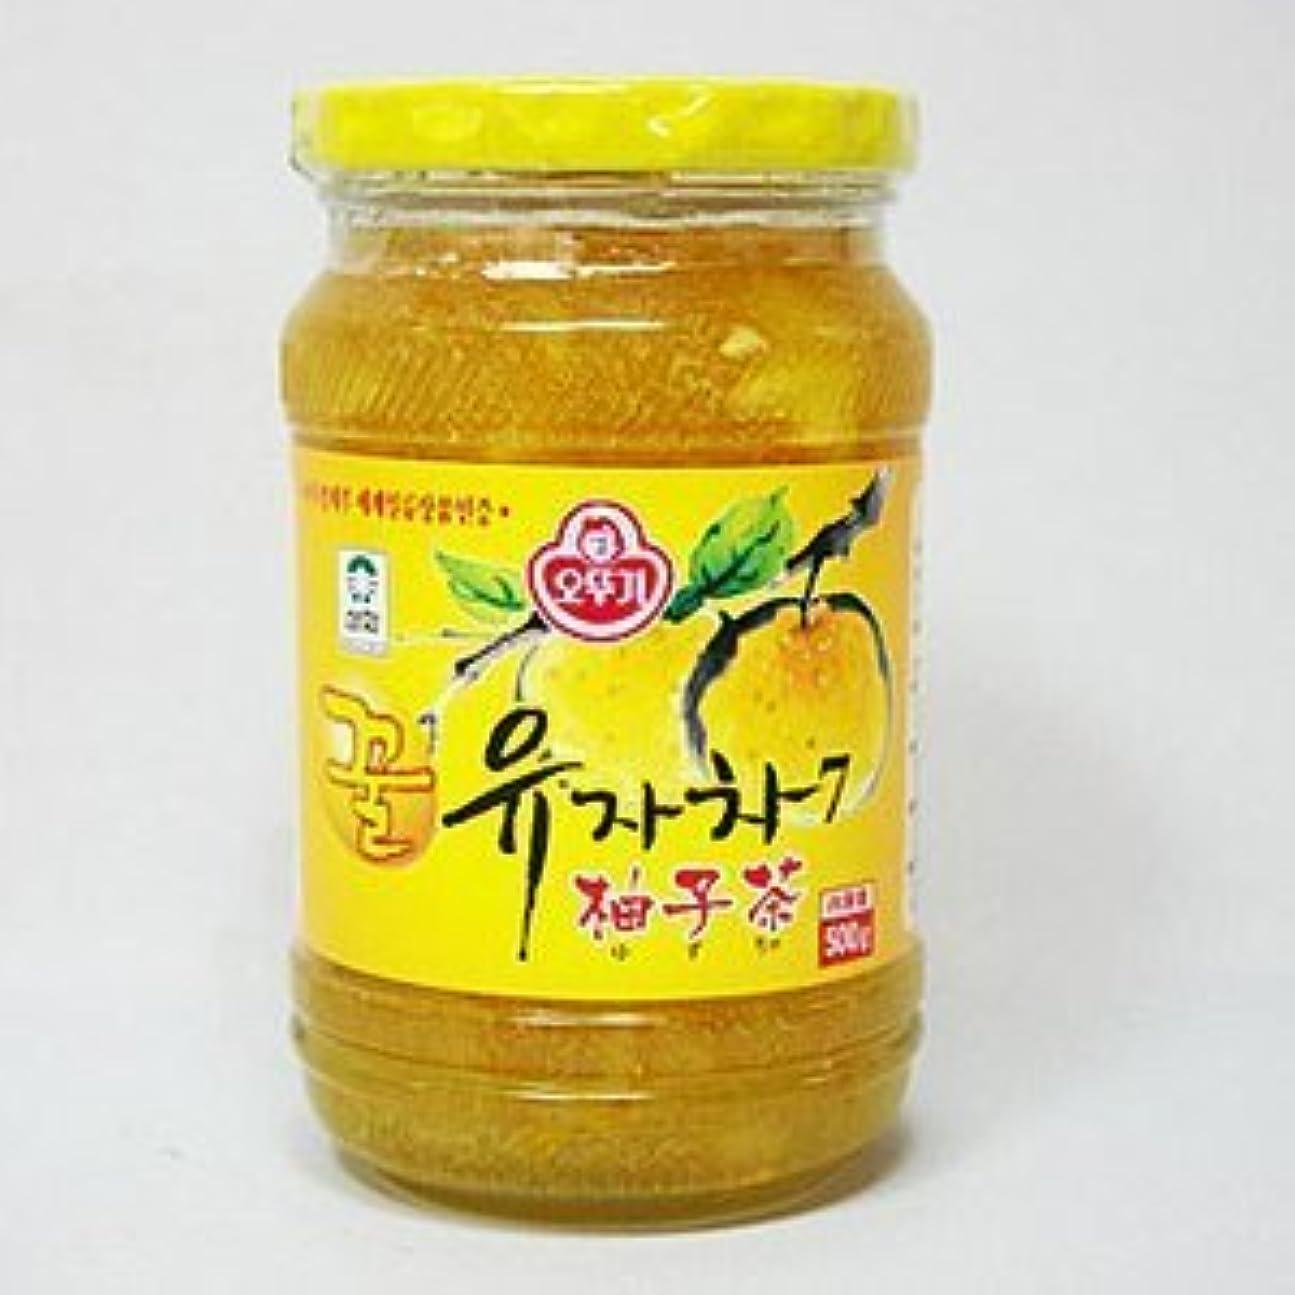 協力独立した天使韓国 柚子茶 お徳用1kg×5個セット (オットギ ゆず茶)